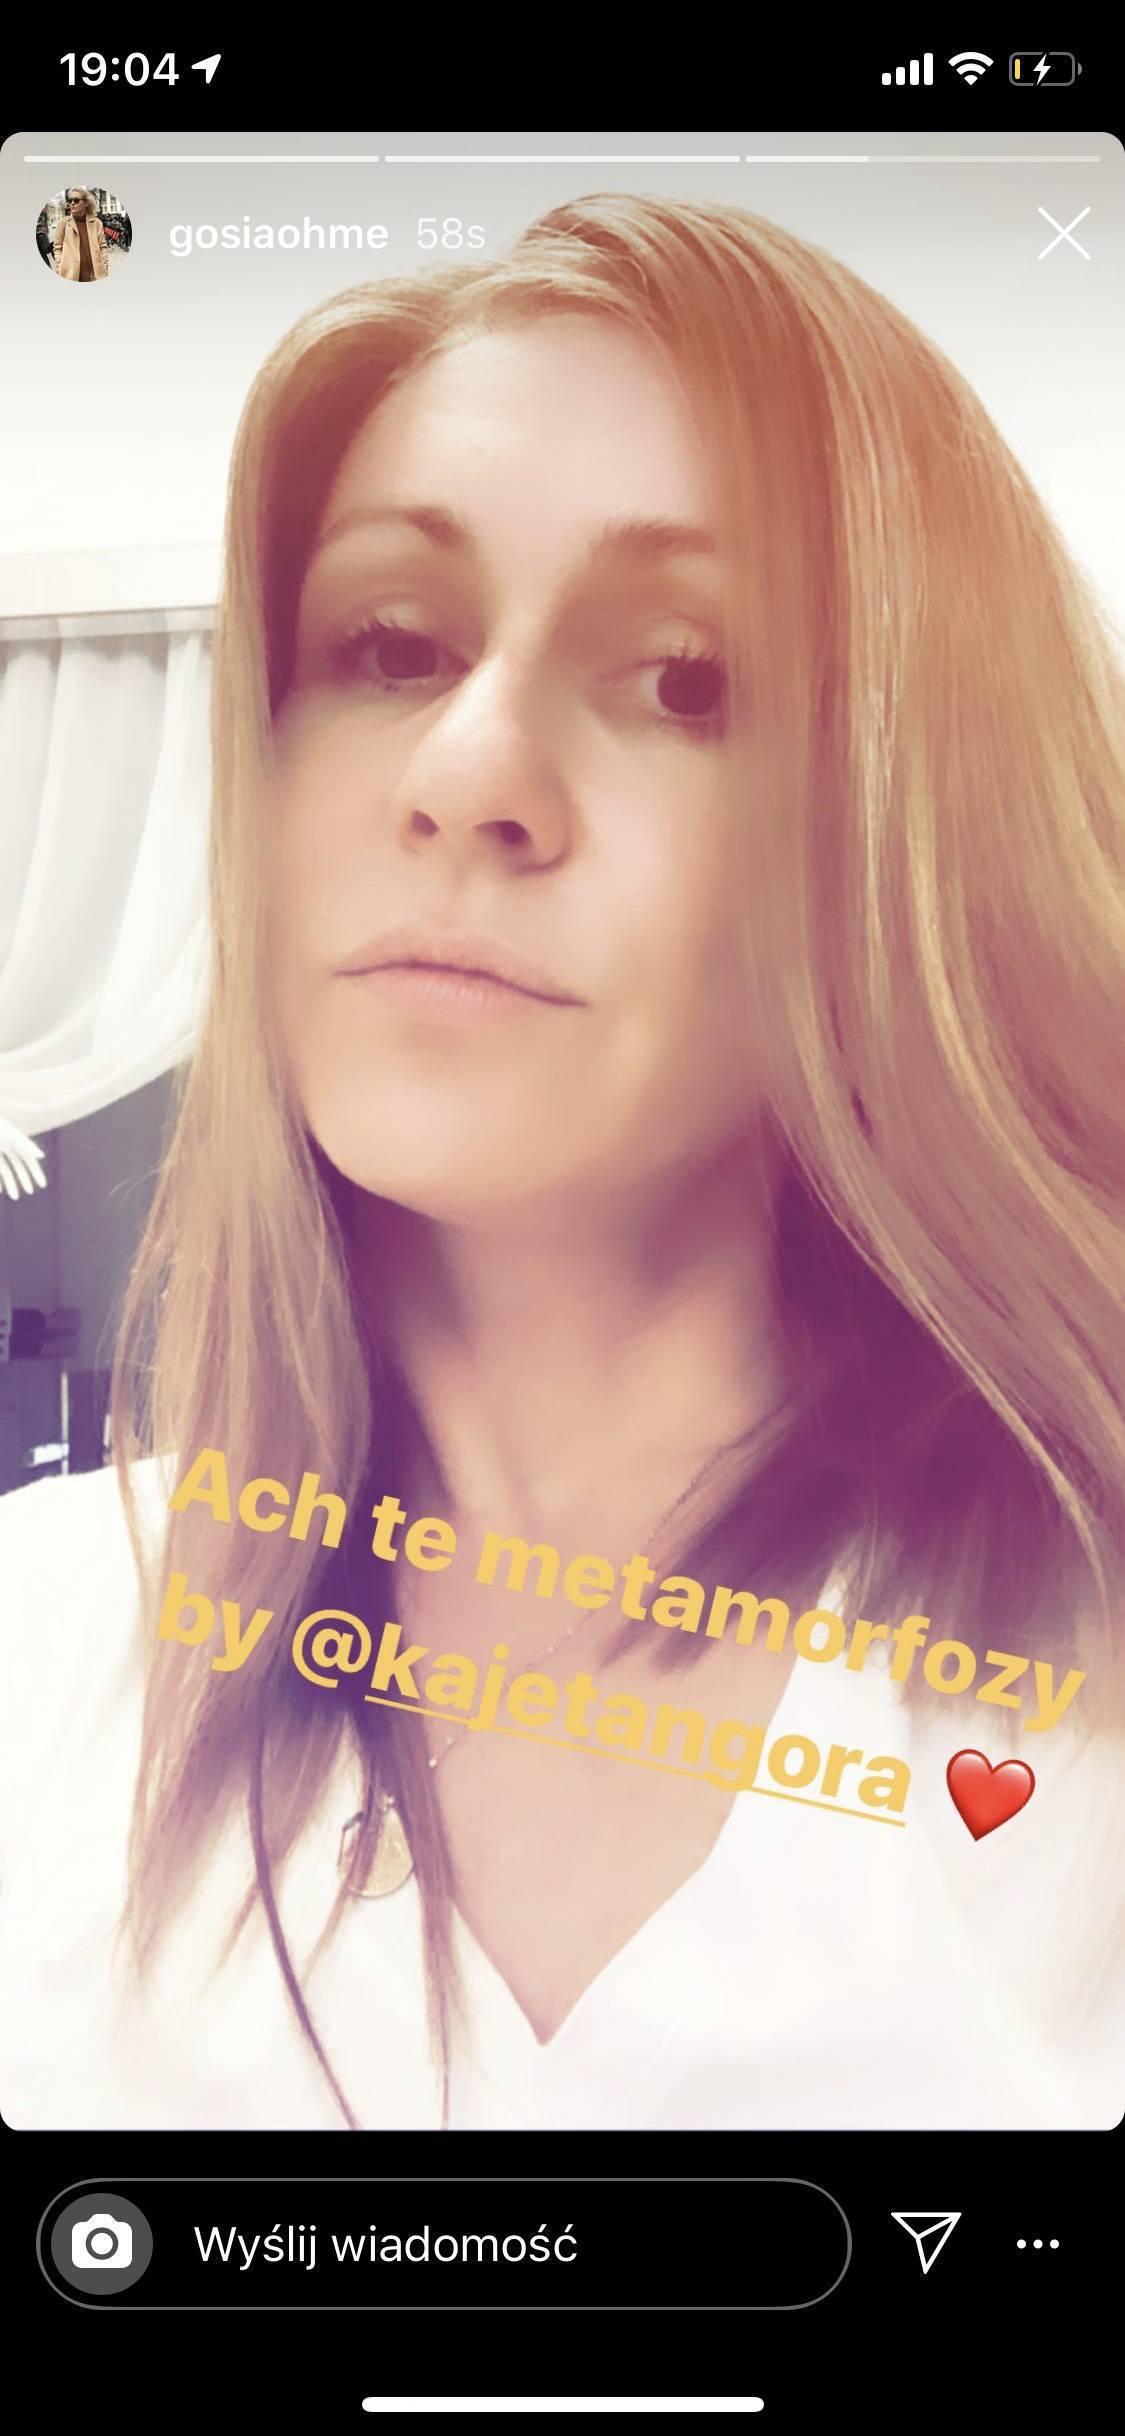 Małgorzata Ohme - nowa fryzura